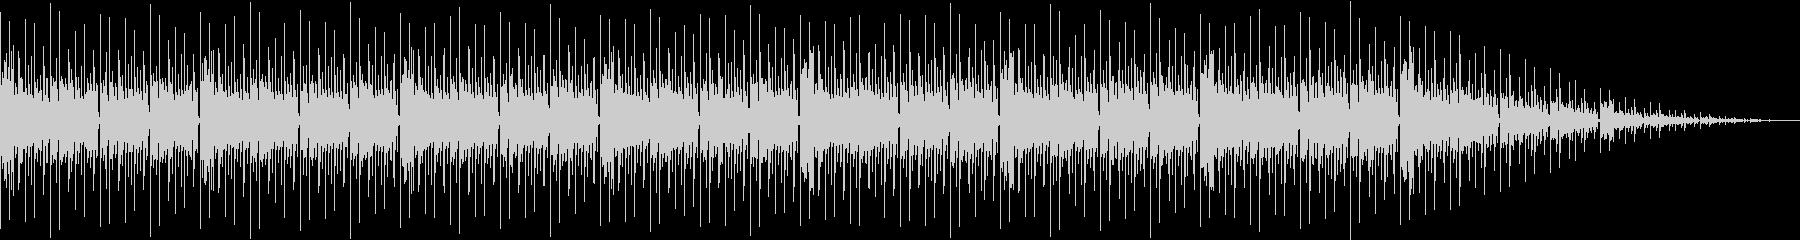 哀しめな曲調のリズムミュージックの未再生の波形